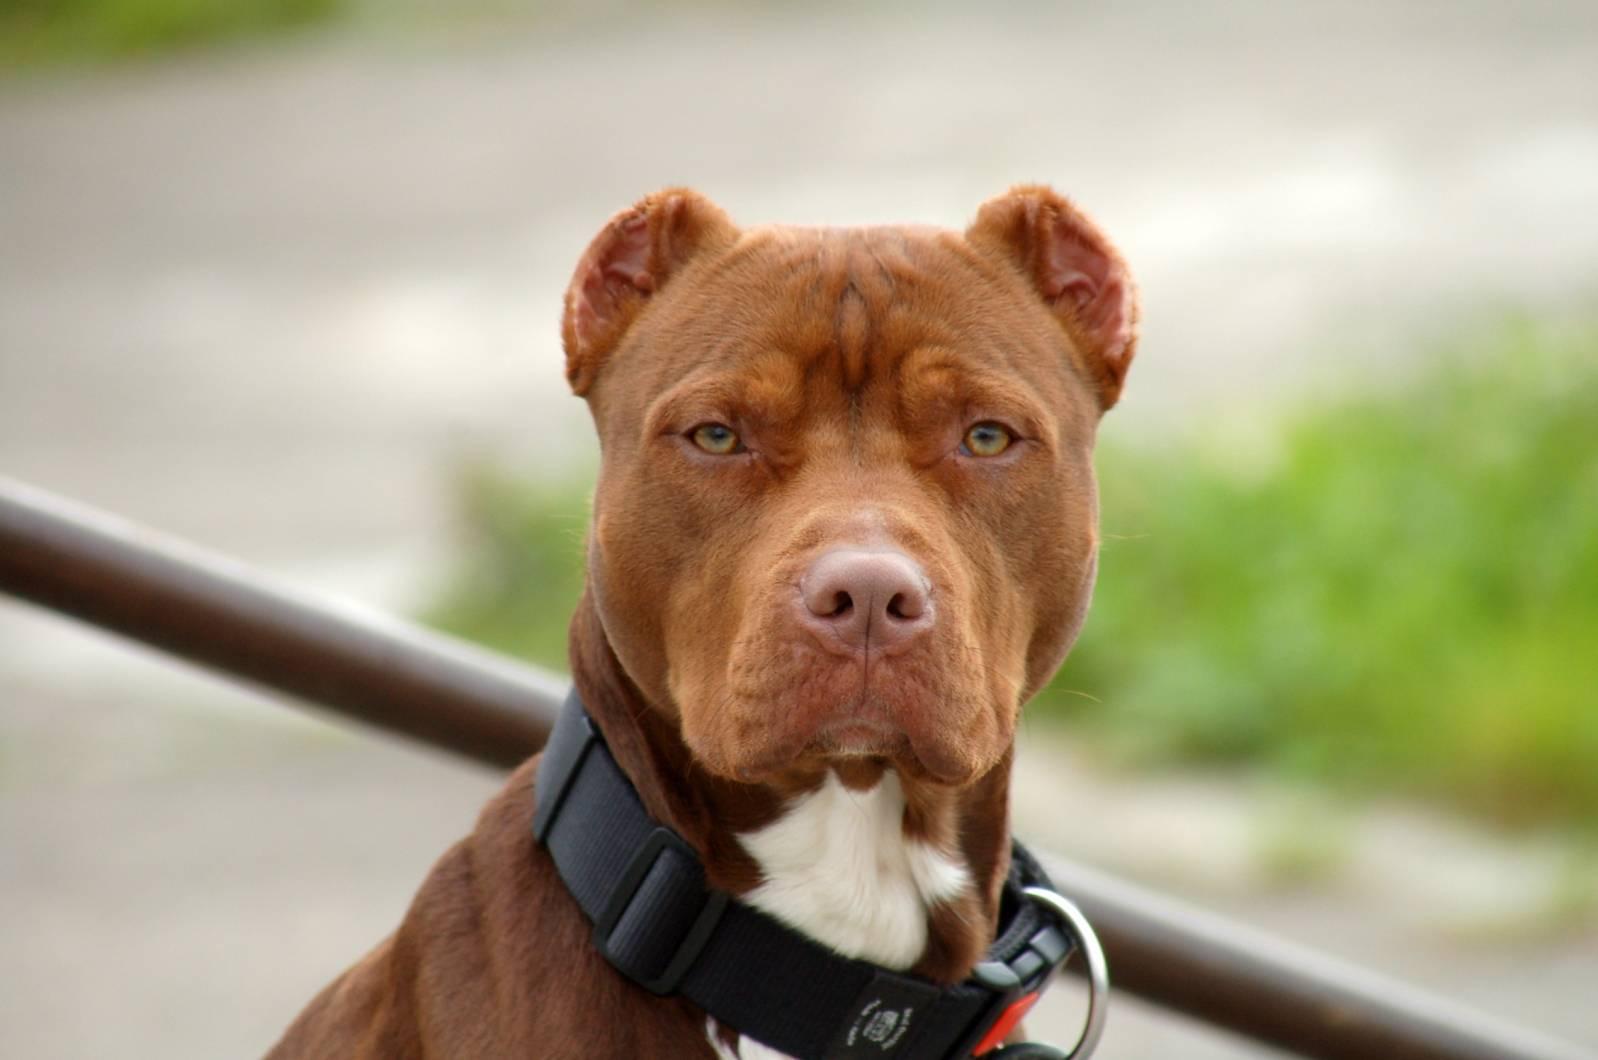 Американский питбультерьер собака. описание, особенности, уход и цена американского питбультерьера | животный мир